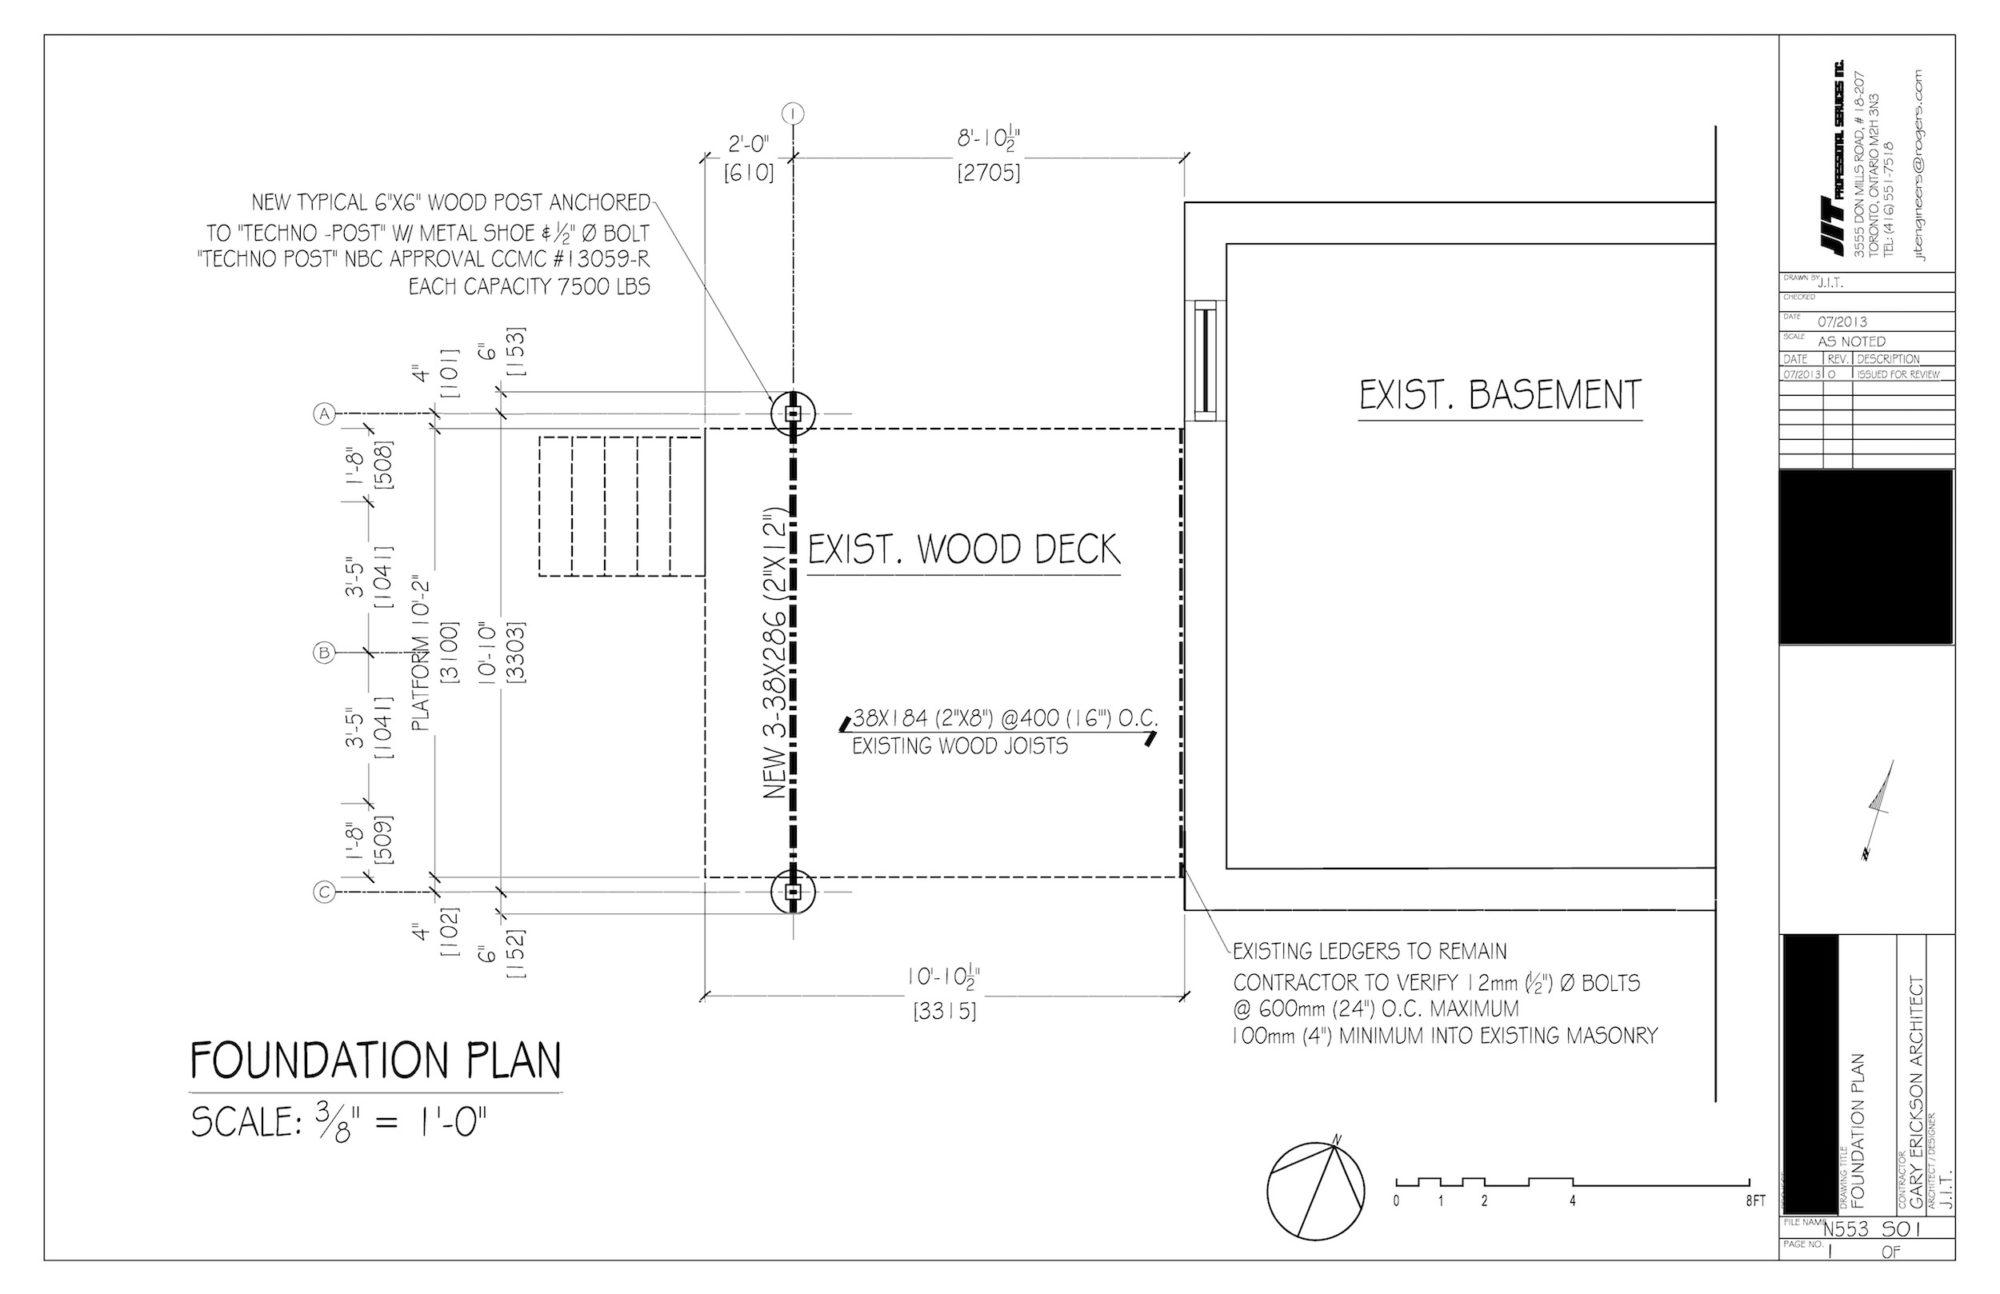 Engineering deck drawing.